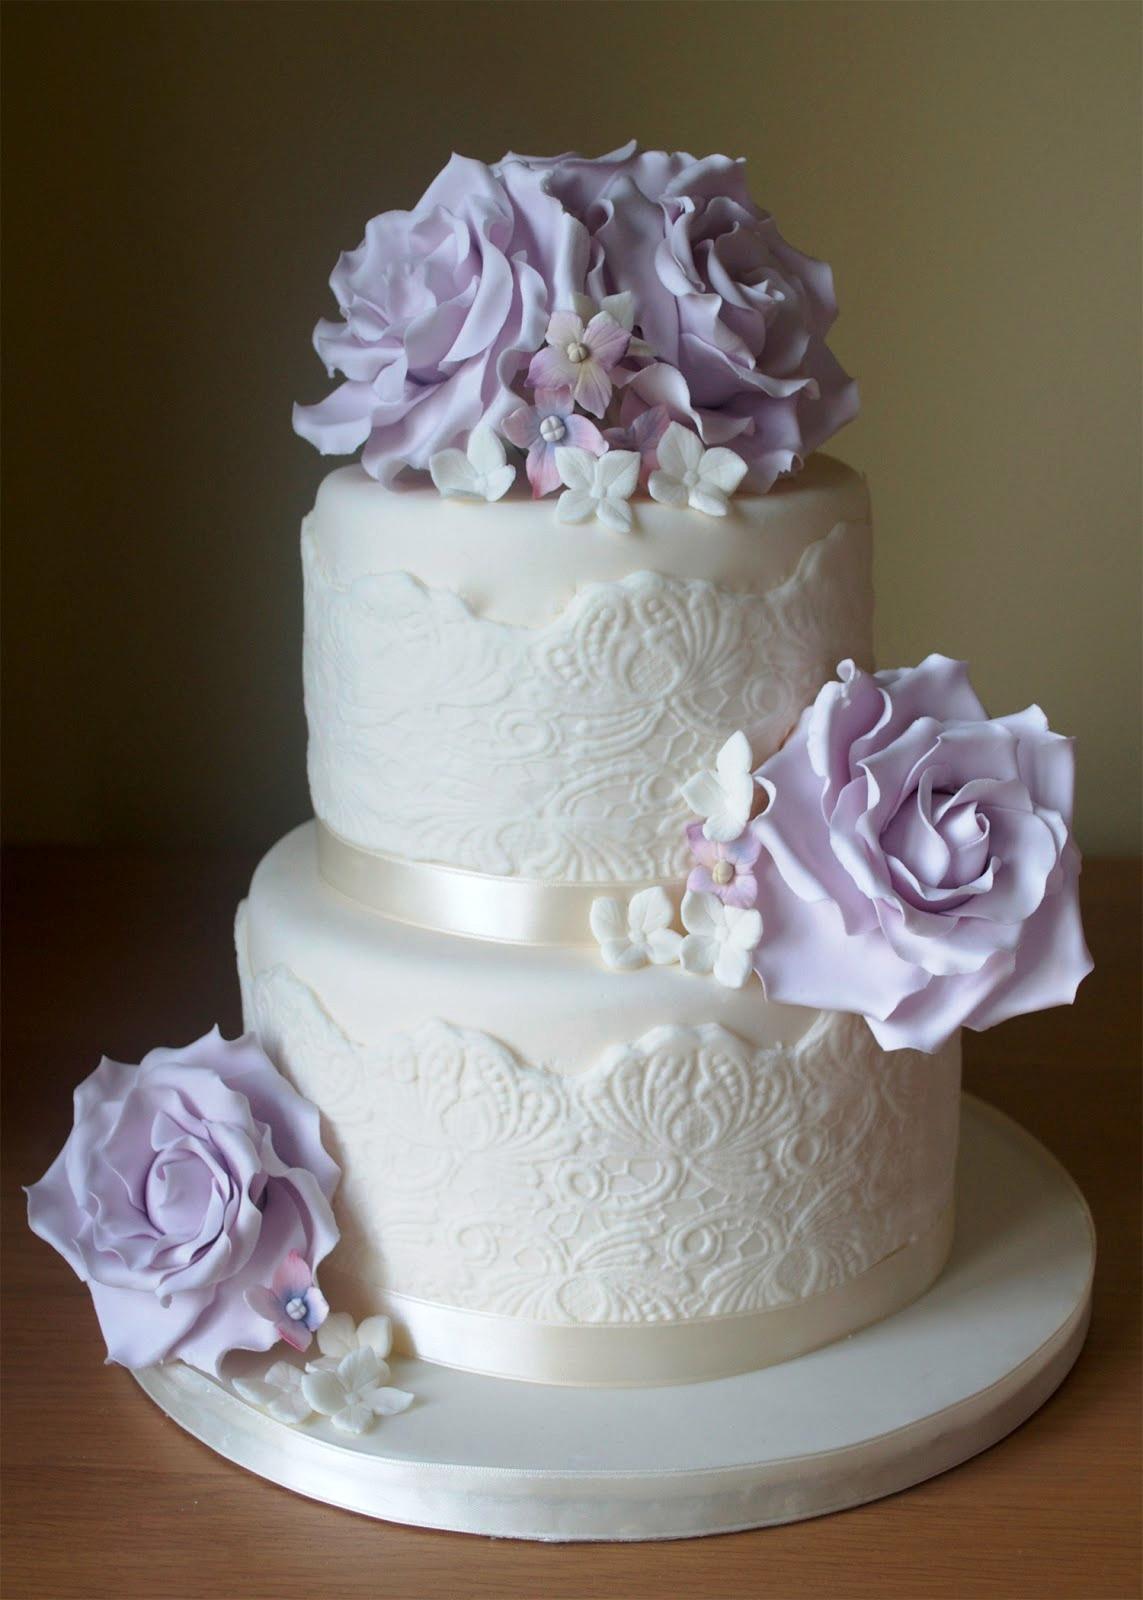 Exquisite Wedding Cakes  Special Wedding Ceremony with Elegant Wedding Cakes